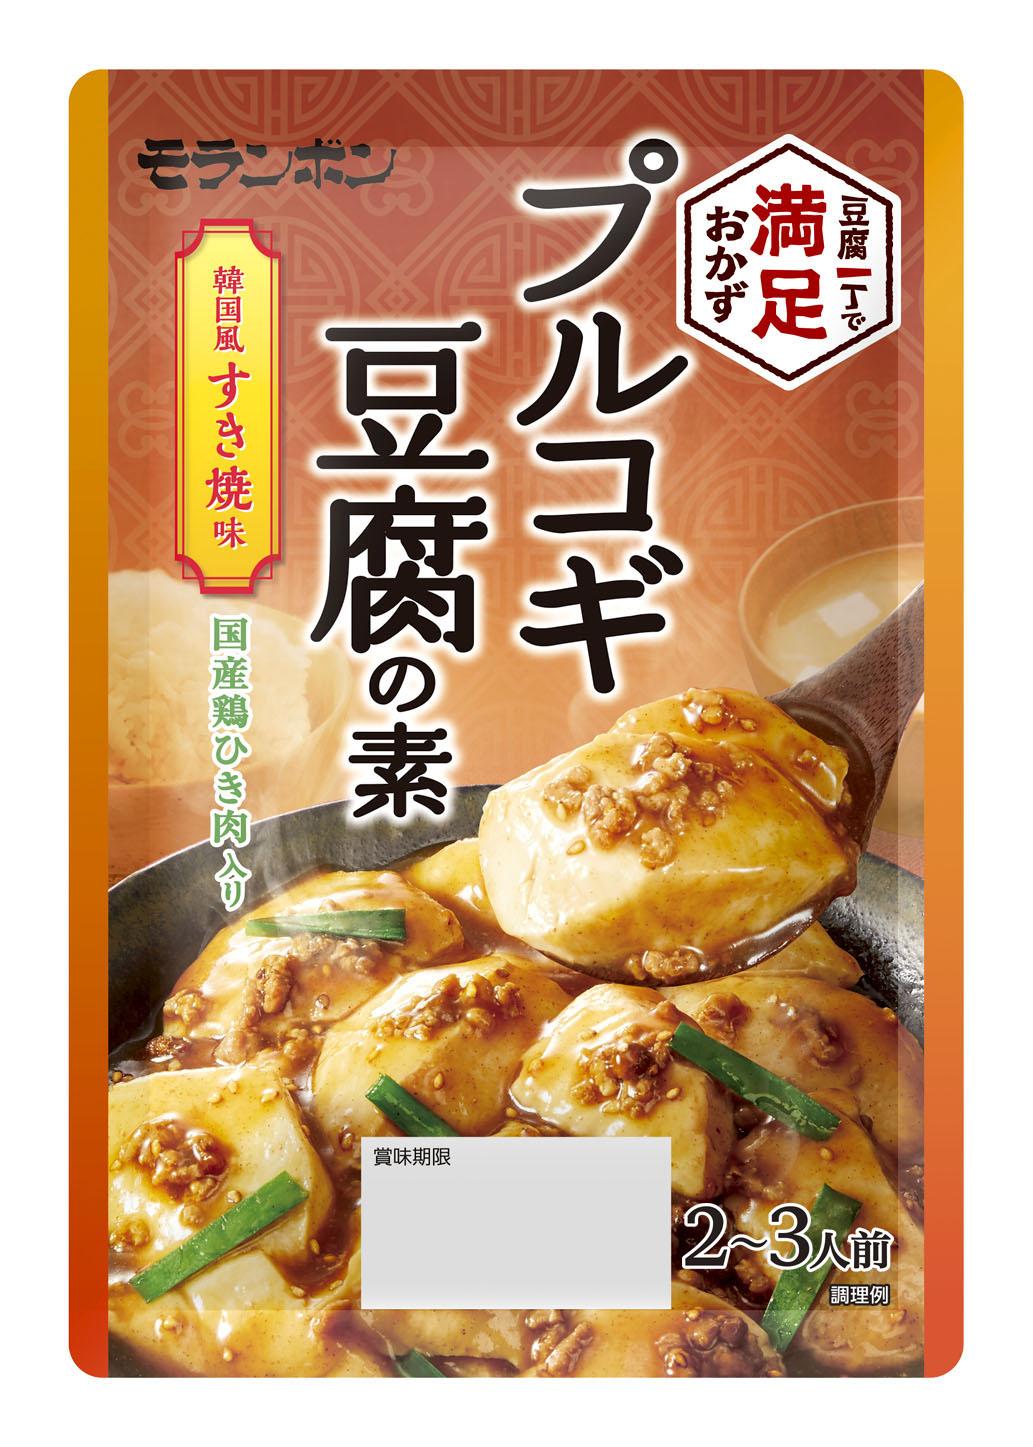 モランボン, プルコギ豆腐の素, 豆腐料理,調味料